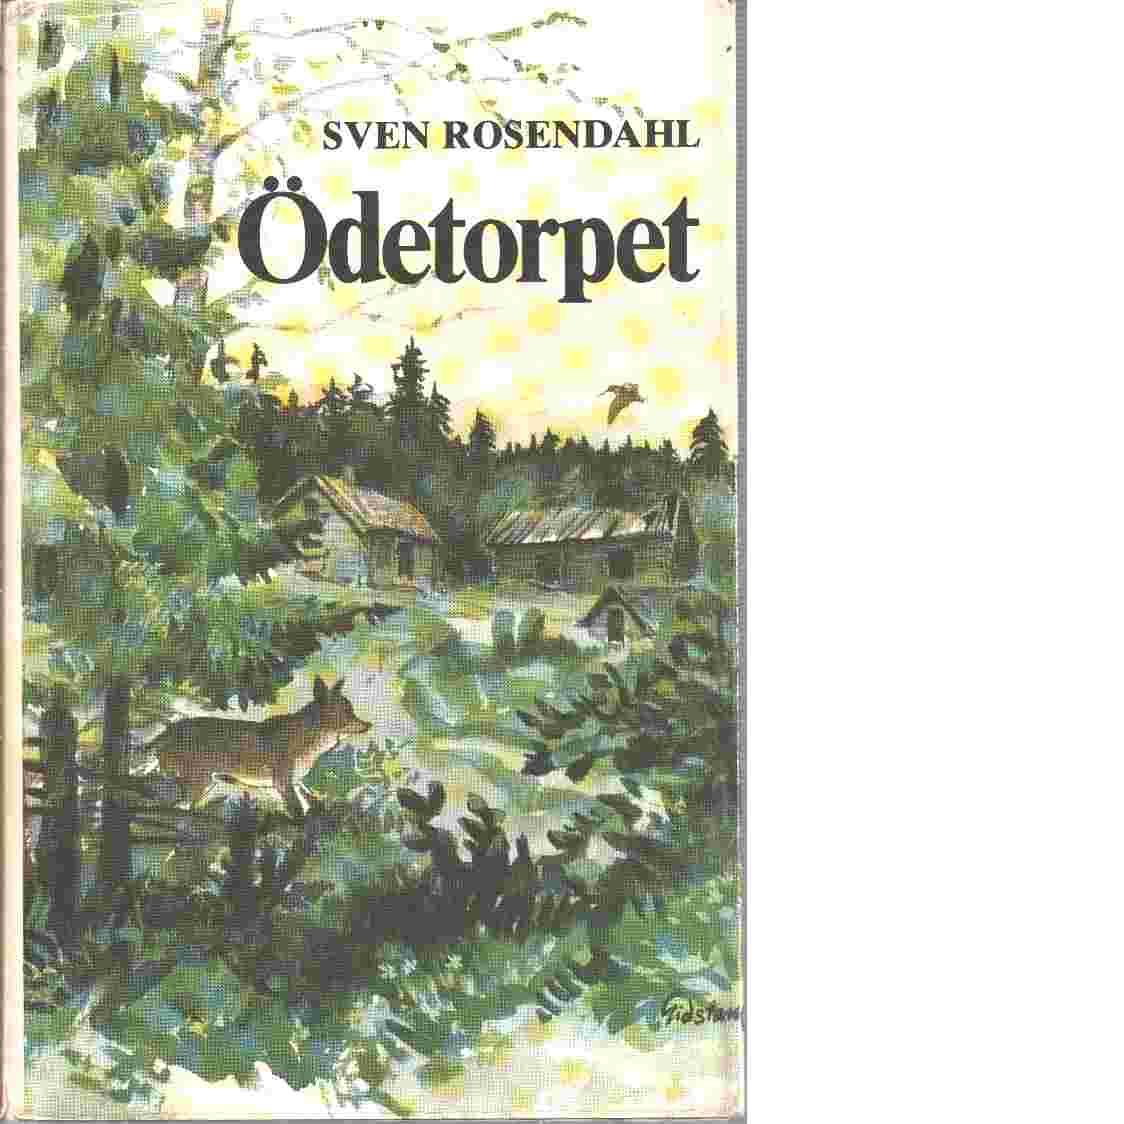 Ödetorpet : en berättelse om viltet i markerna - Rosendahl, Sven